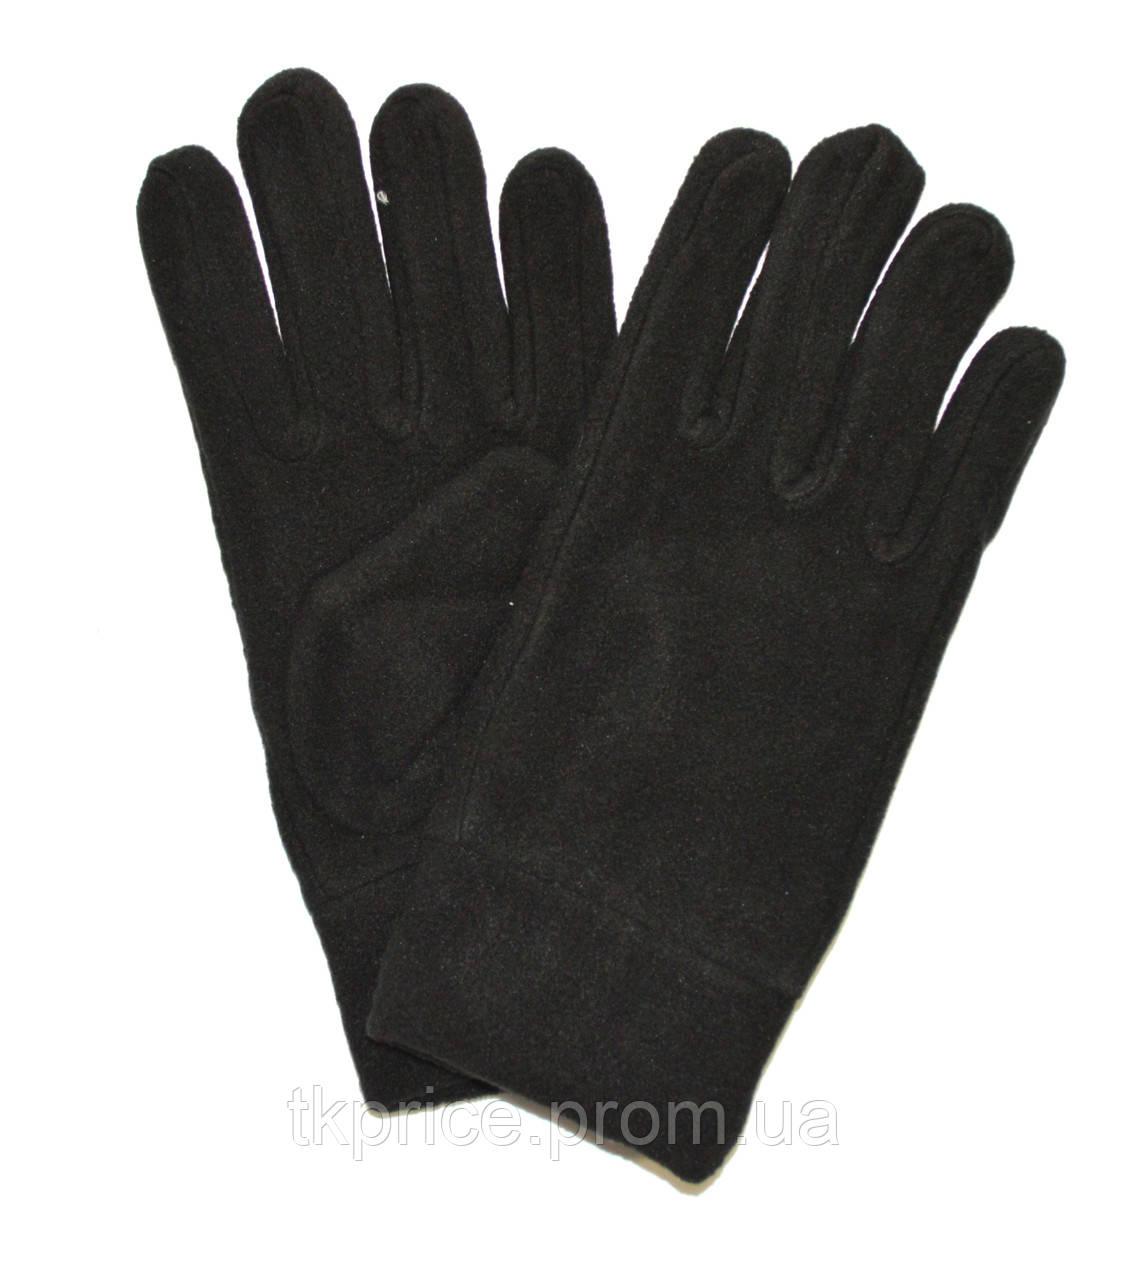 Мужские флисовые перчатки одинарные длина 23 см